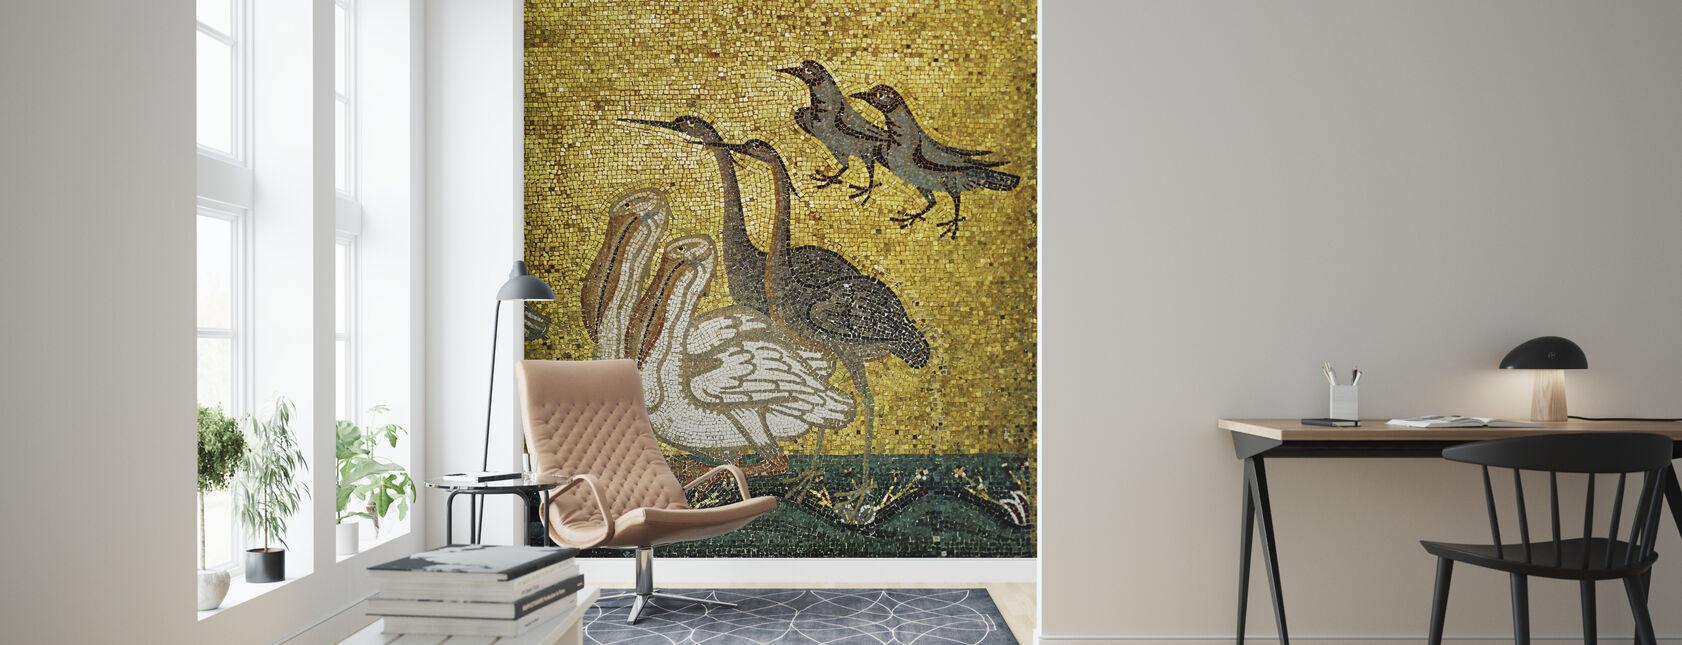 Various Birds - Wallpaper - Living Room